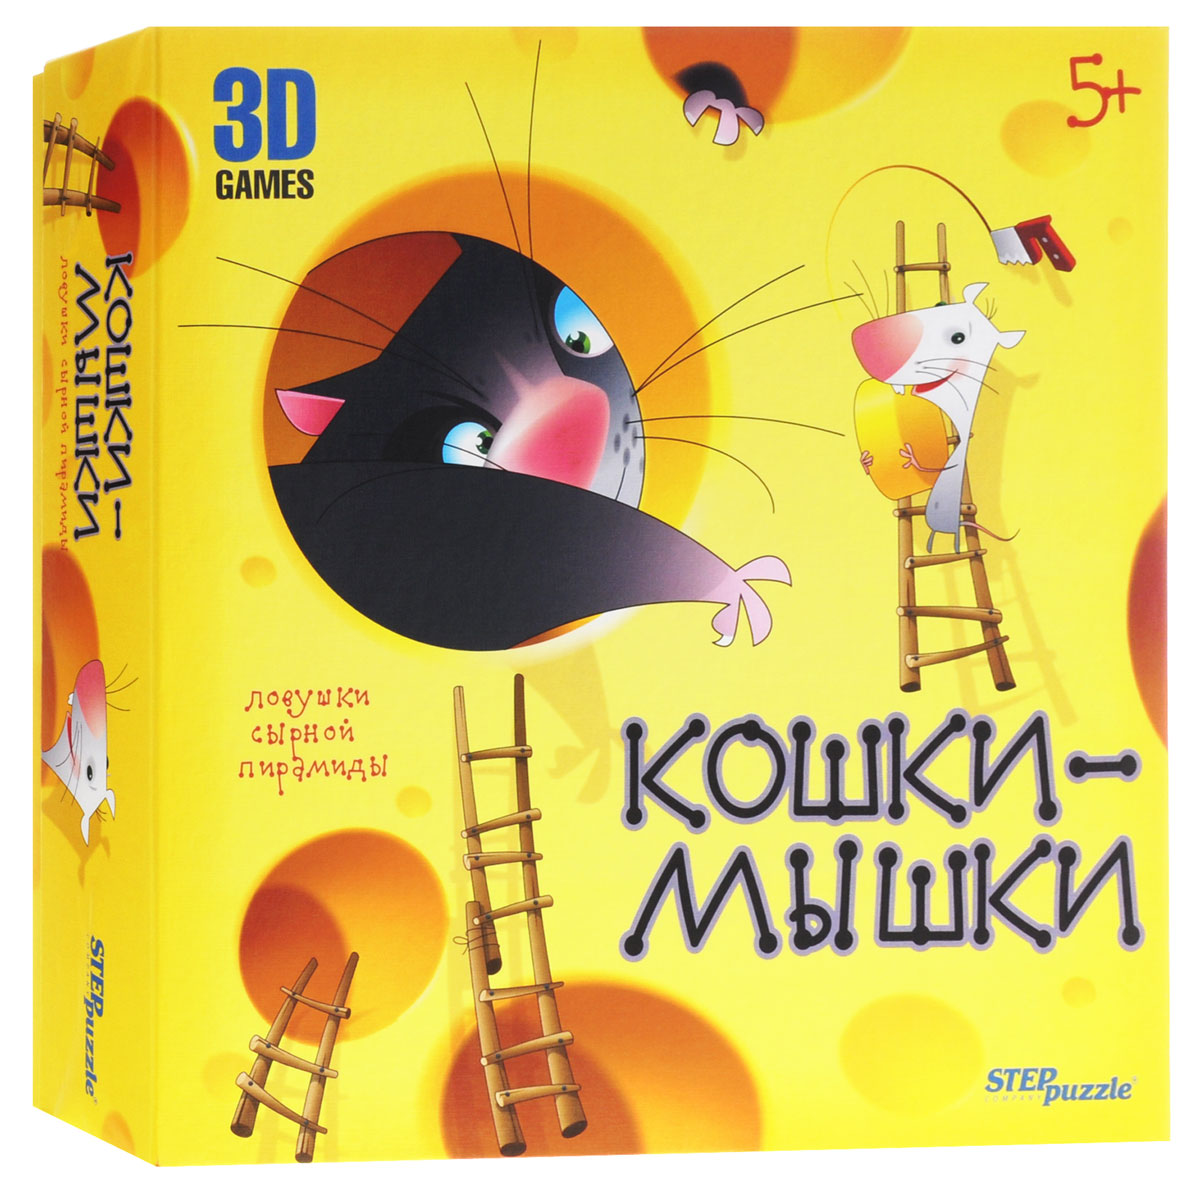 Step Puzzle Обучающая игра Кошки-мышки airis press настольная игра волшебный театр три поросенка кошки мышки